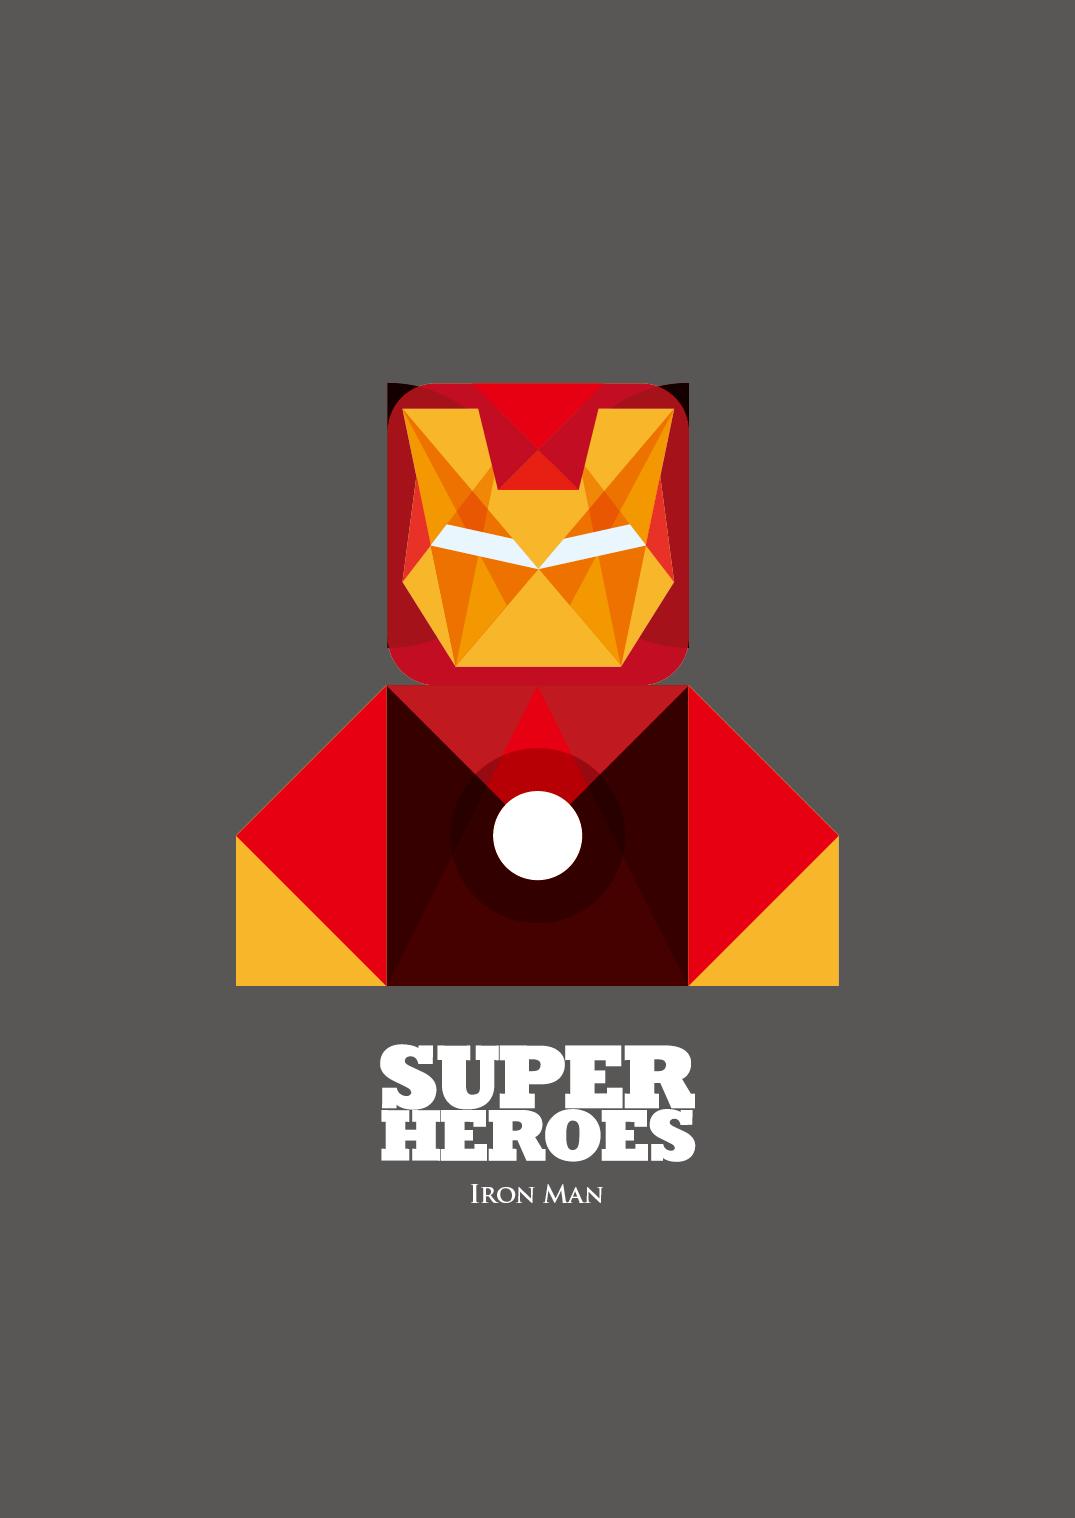 抽象超级英雄